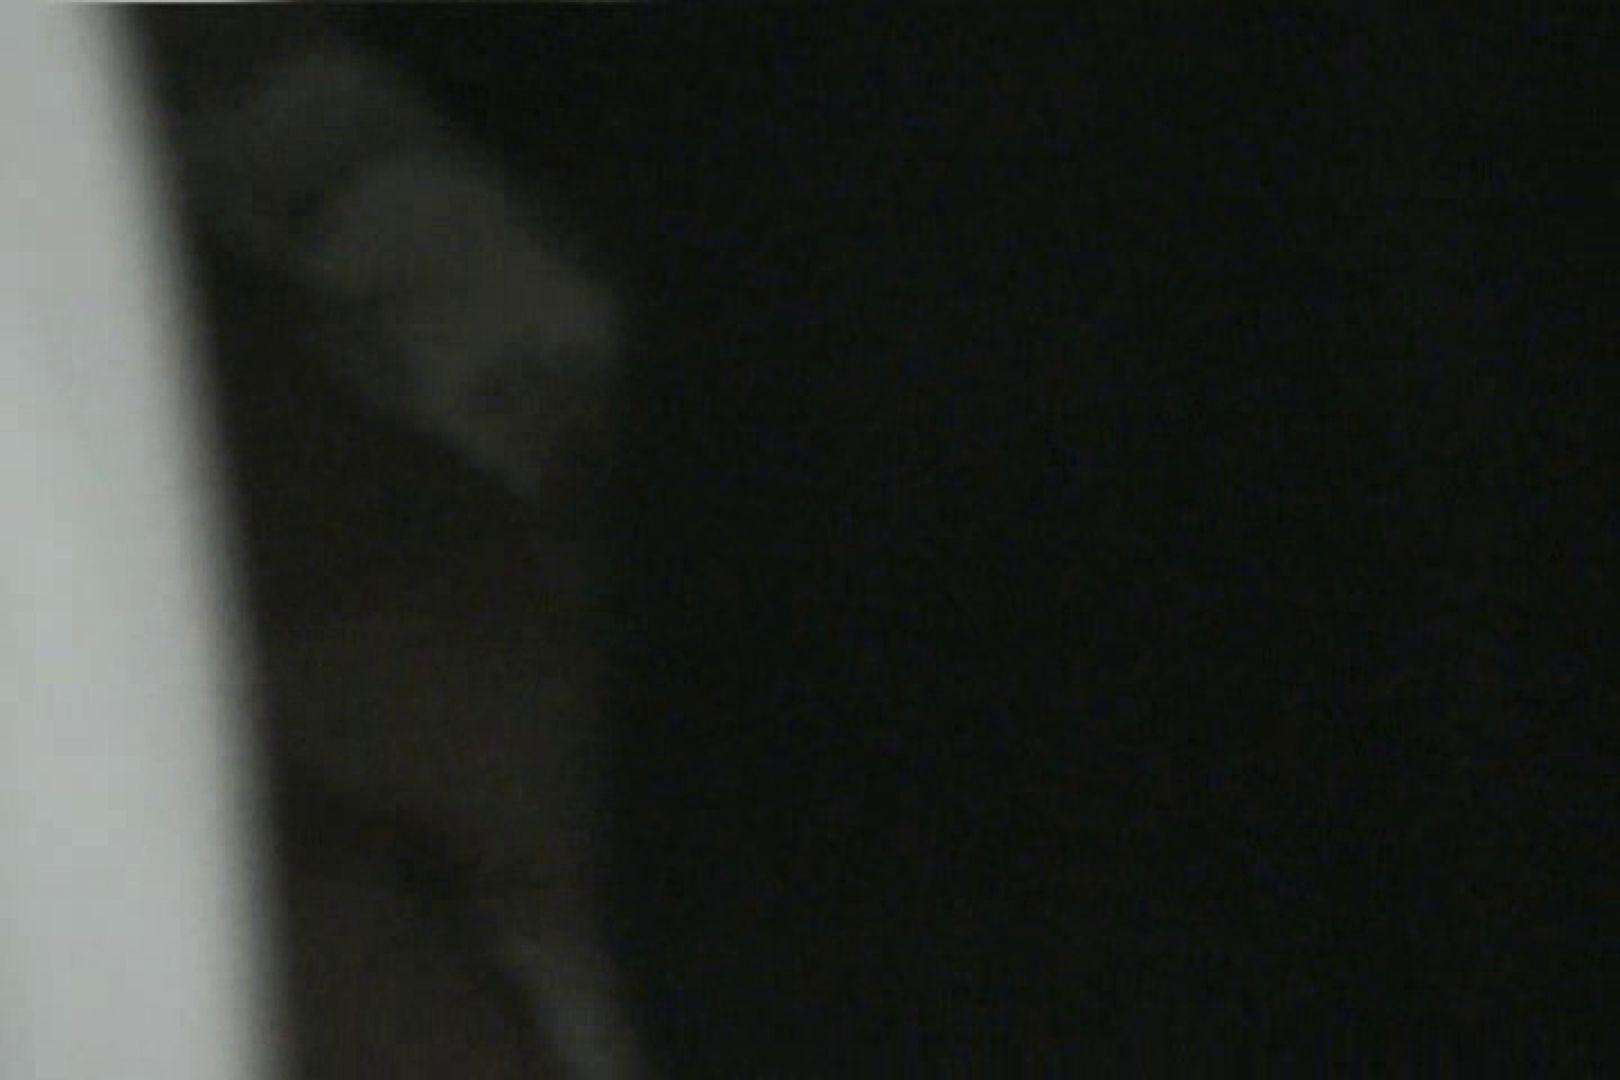 マンコ丸見え女子洗面所Vol.30 丸見えマンコ  109PIX 55